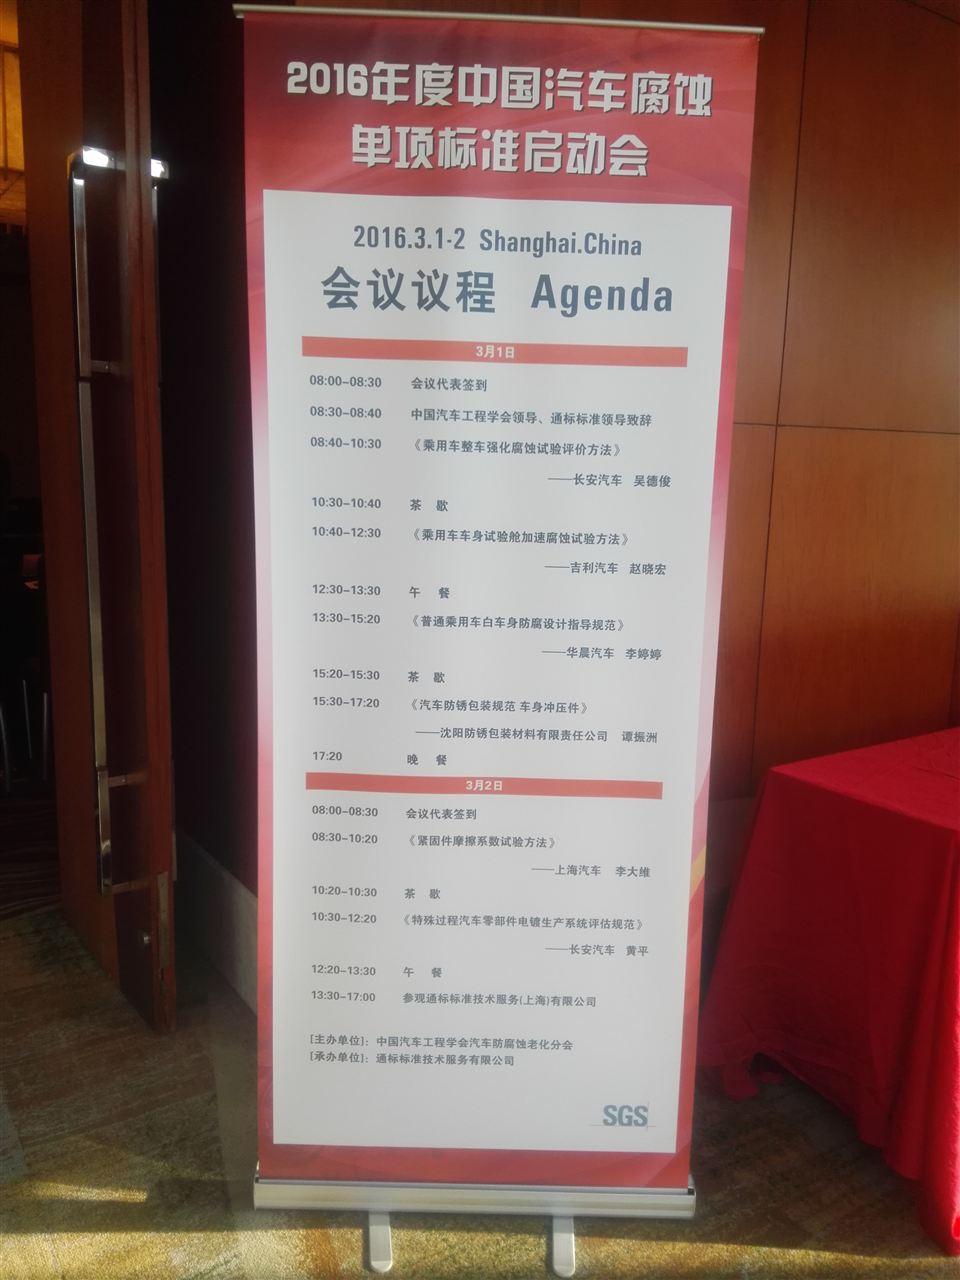 2016年度中国汽车腐蚀单项标准启动会议圆满结束高清图片